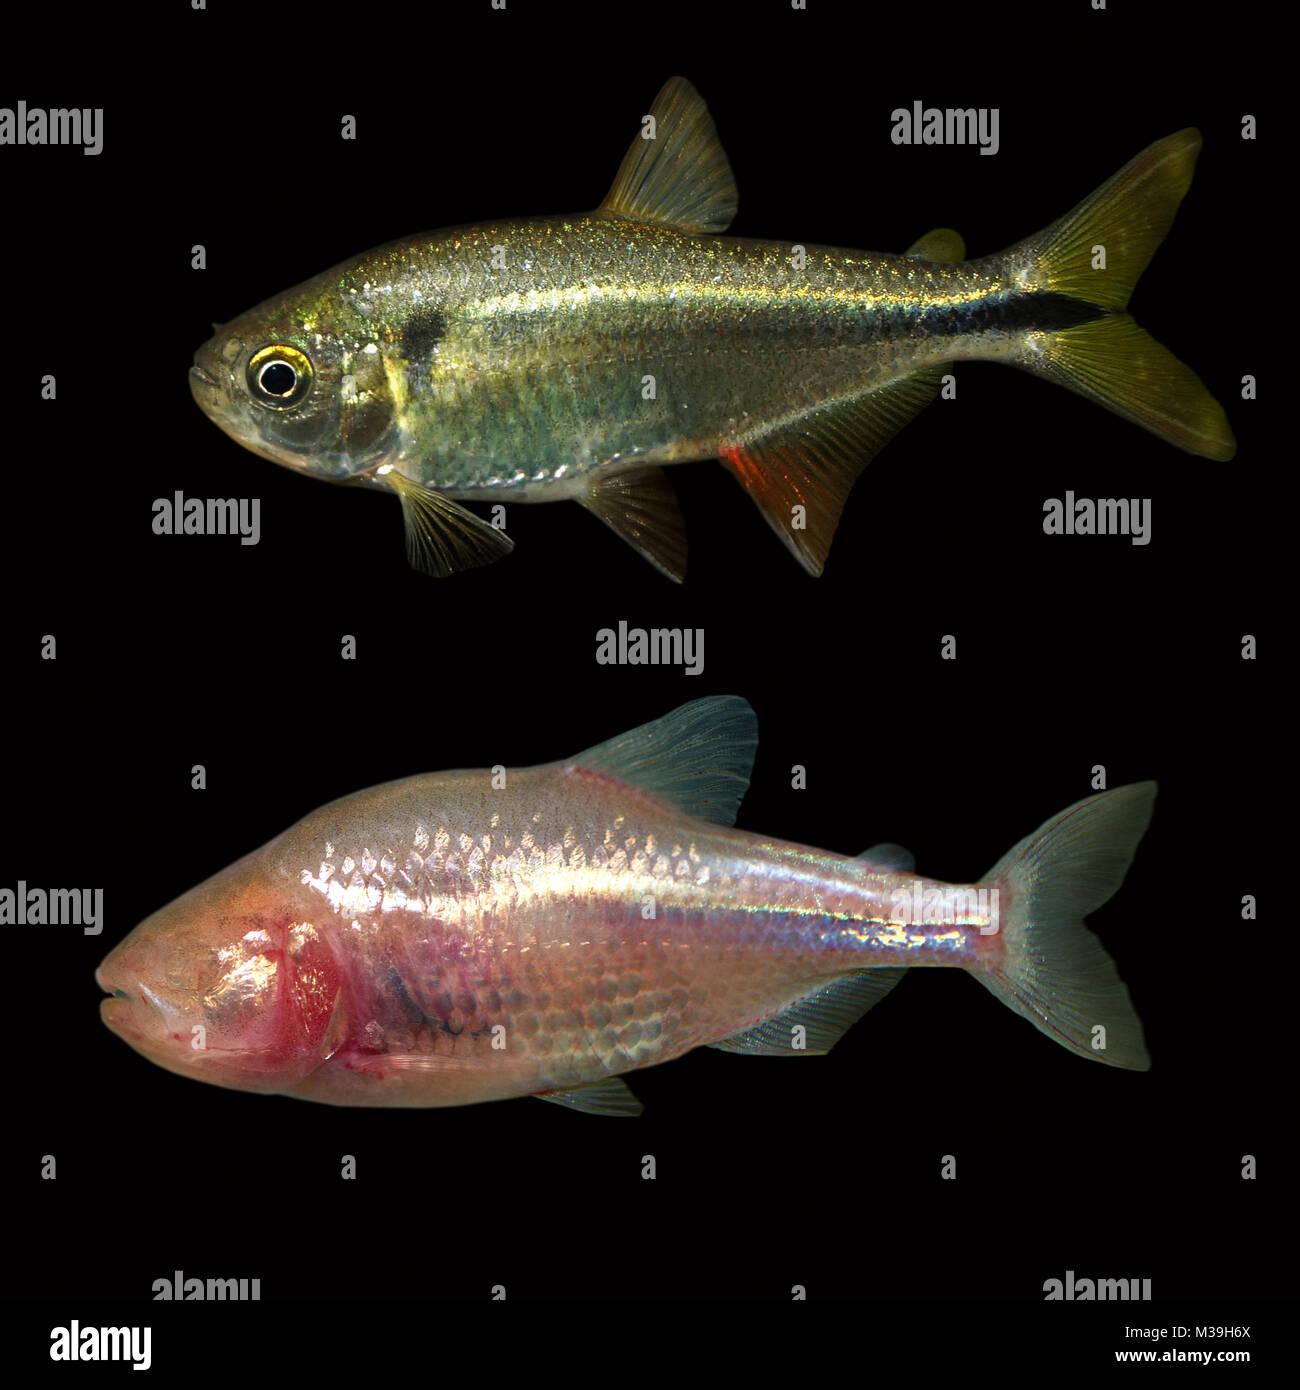 Tetra mexicain ou grotte aveugle Astyanax mexicanus poisson. Deux forme de ce poisson. La surface d'habitation Photo Stock